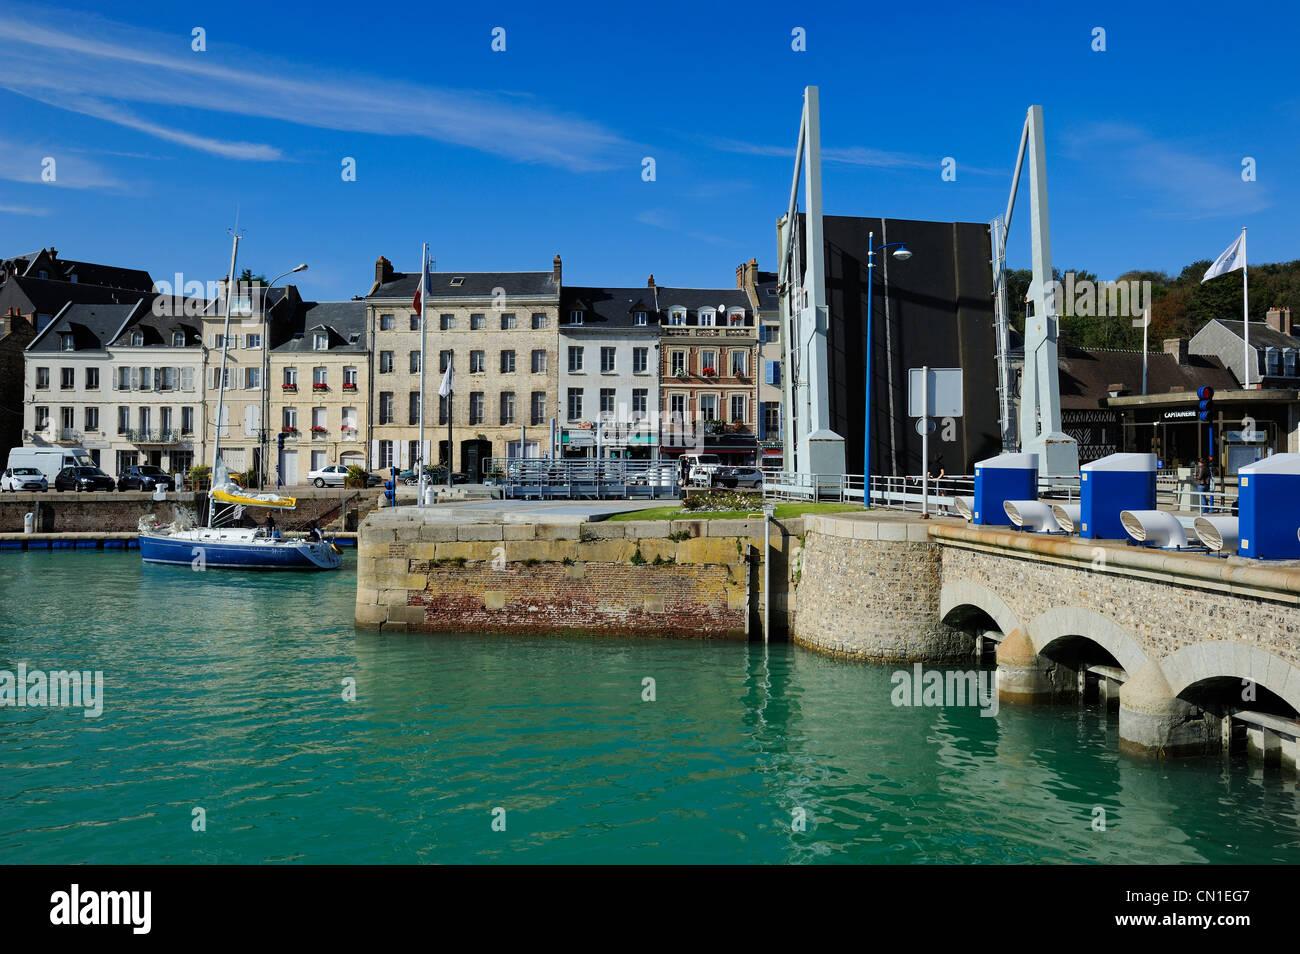 France, Seine Maritime, Saint Valery en Caux, vertical lift bridge - Stock Image